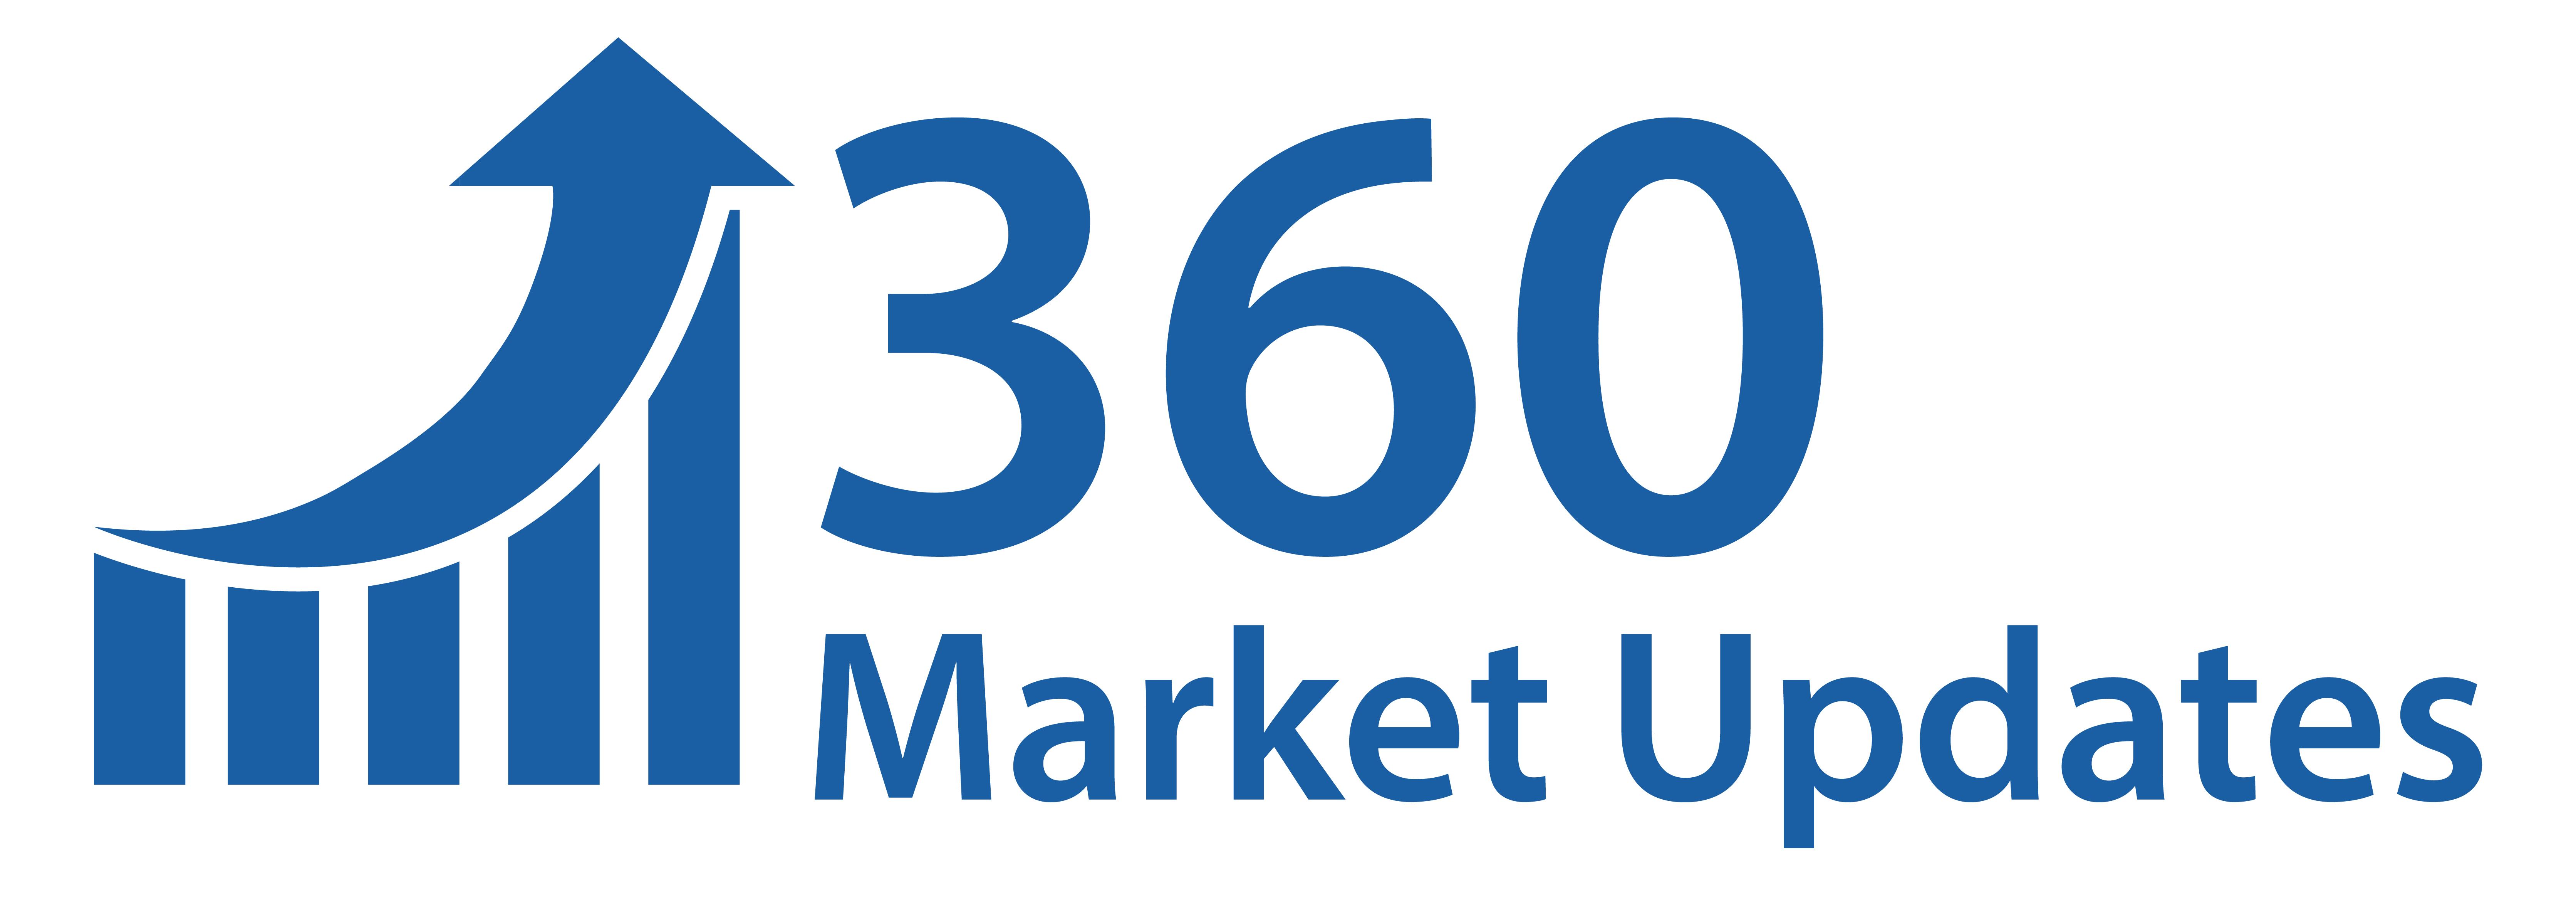 Markt 2020 für Angststörungen und Depressionen - Nachfrage, Anteil, Größe, Zukunftstrends, Wachstumschancen, Hauptakteure, Anwendung, Nachfrage, Branchenforschungsbericht nach regionaler Prognose bis 2023